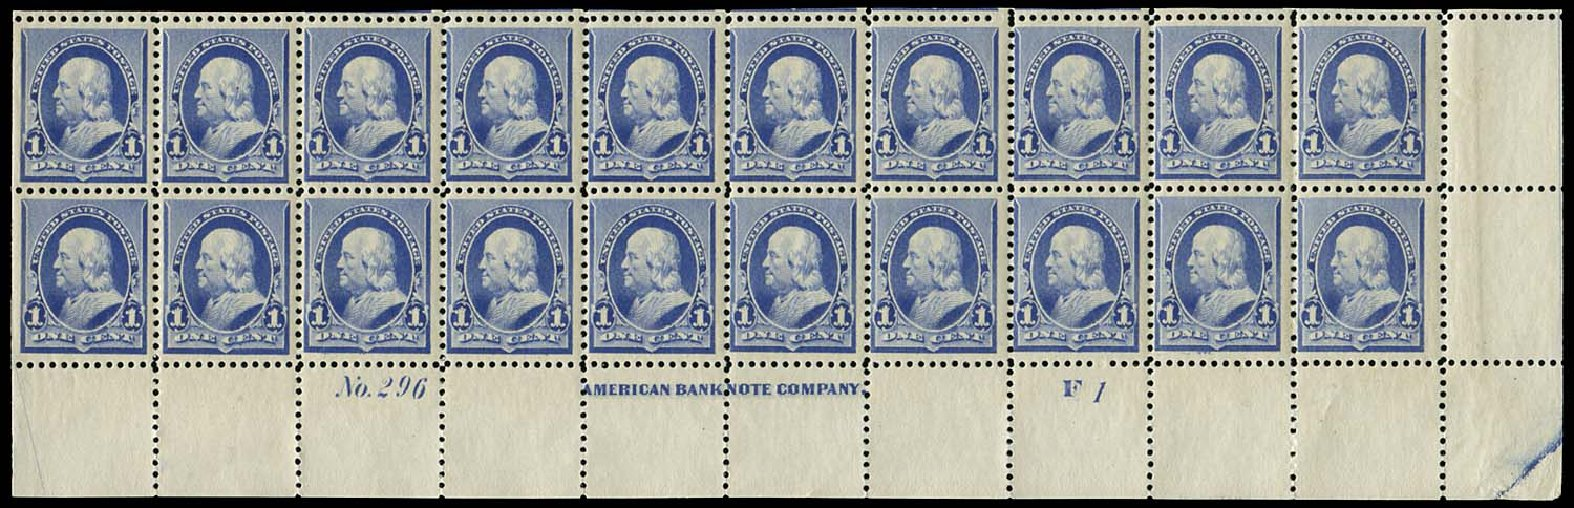 Values of US Stamps Scott Catalog #219 - 1890 1c Franklin. Regency-Superior, Jan 2015, Sale 109, Lot 1600